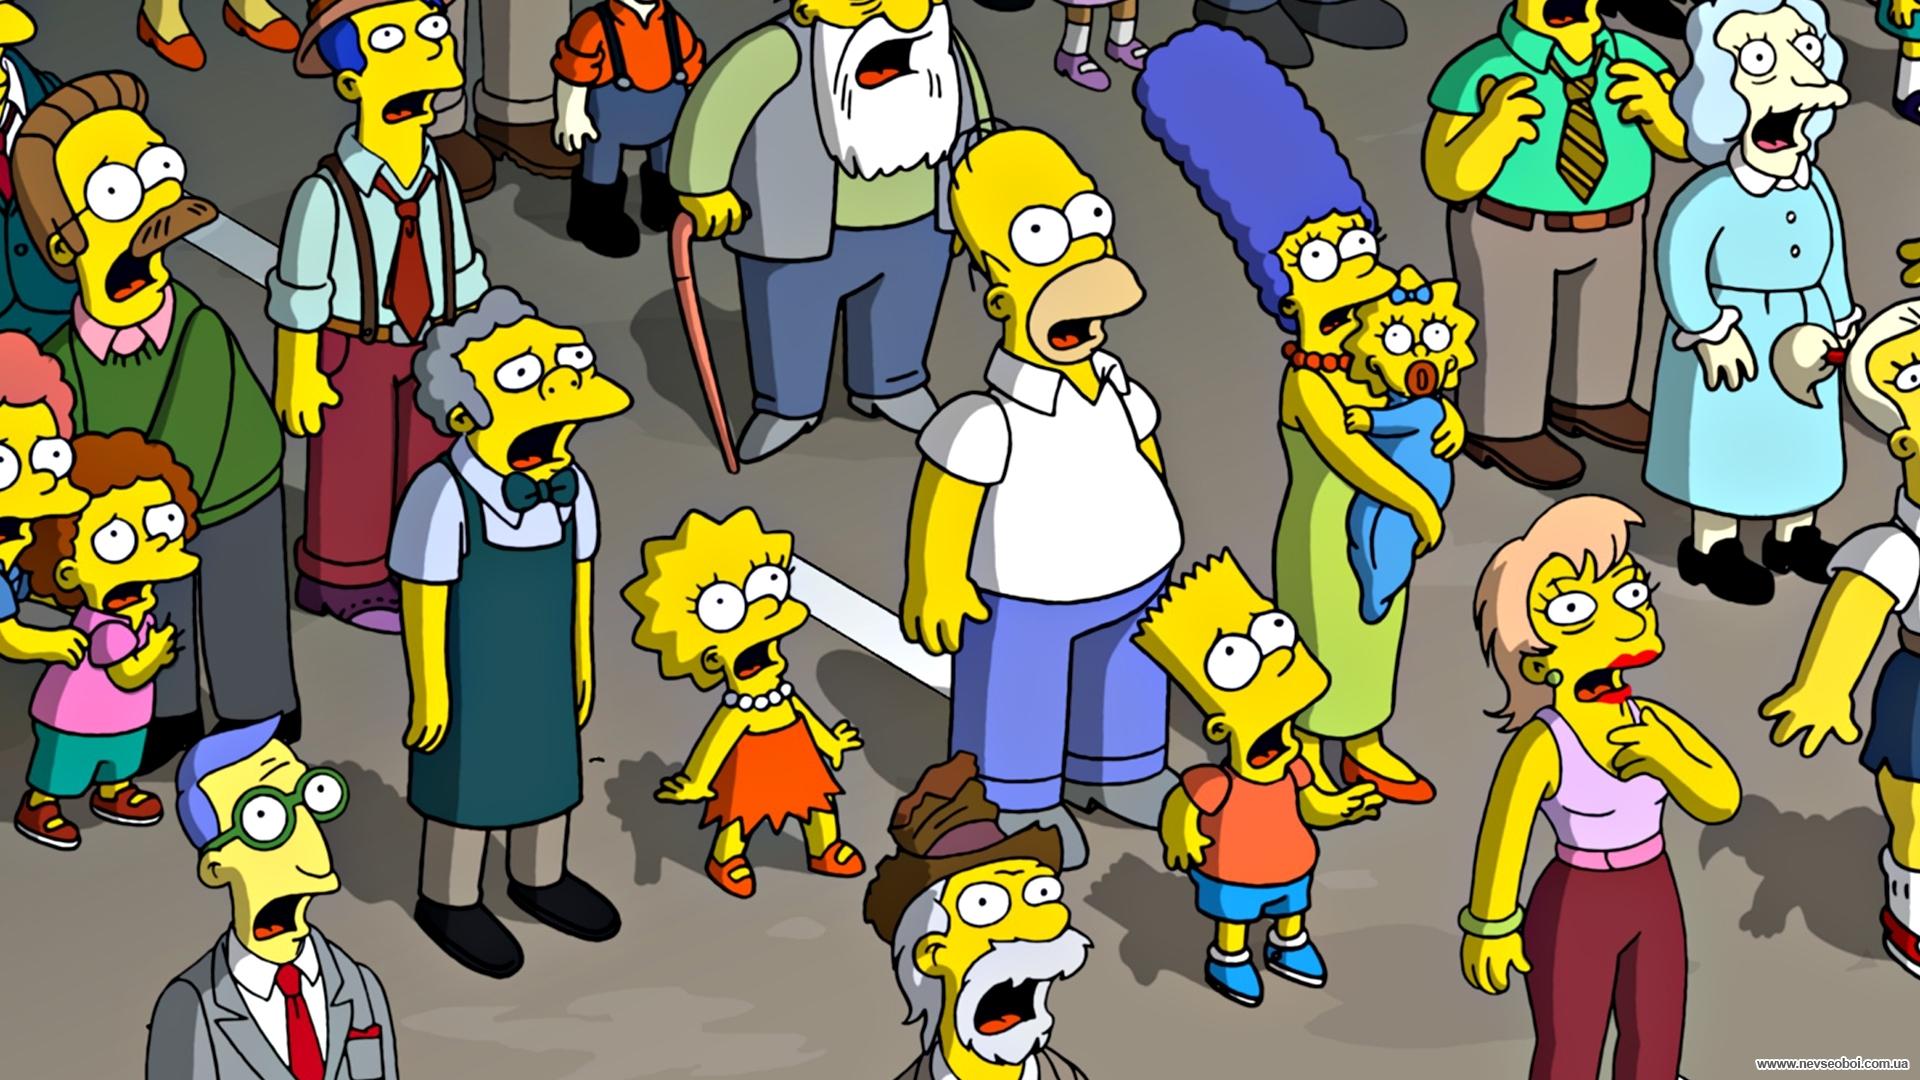 11733 Salvapantallas y fondos de pantalla Dibujos Animados en tu teléfono. Descarga imágenes de Dibujos Animados, Los Simpson gratis